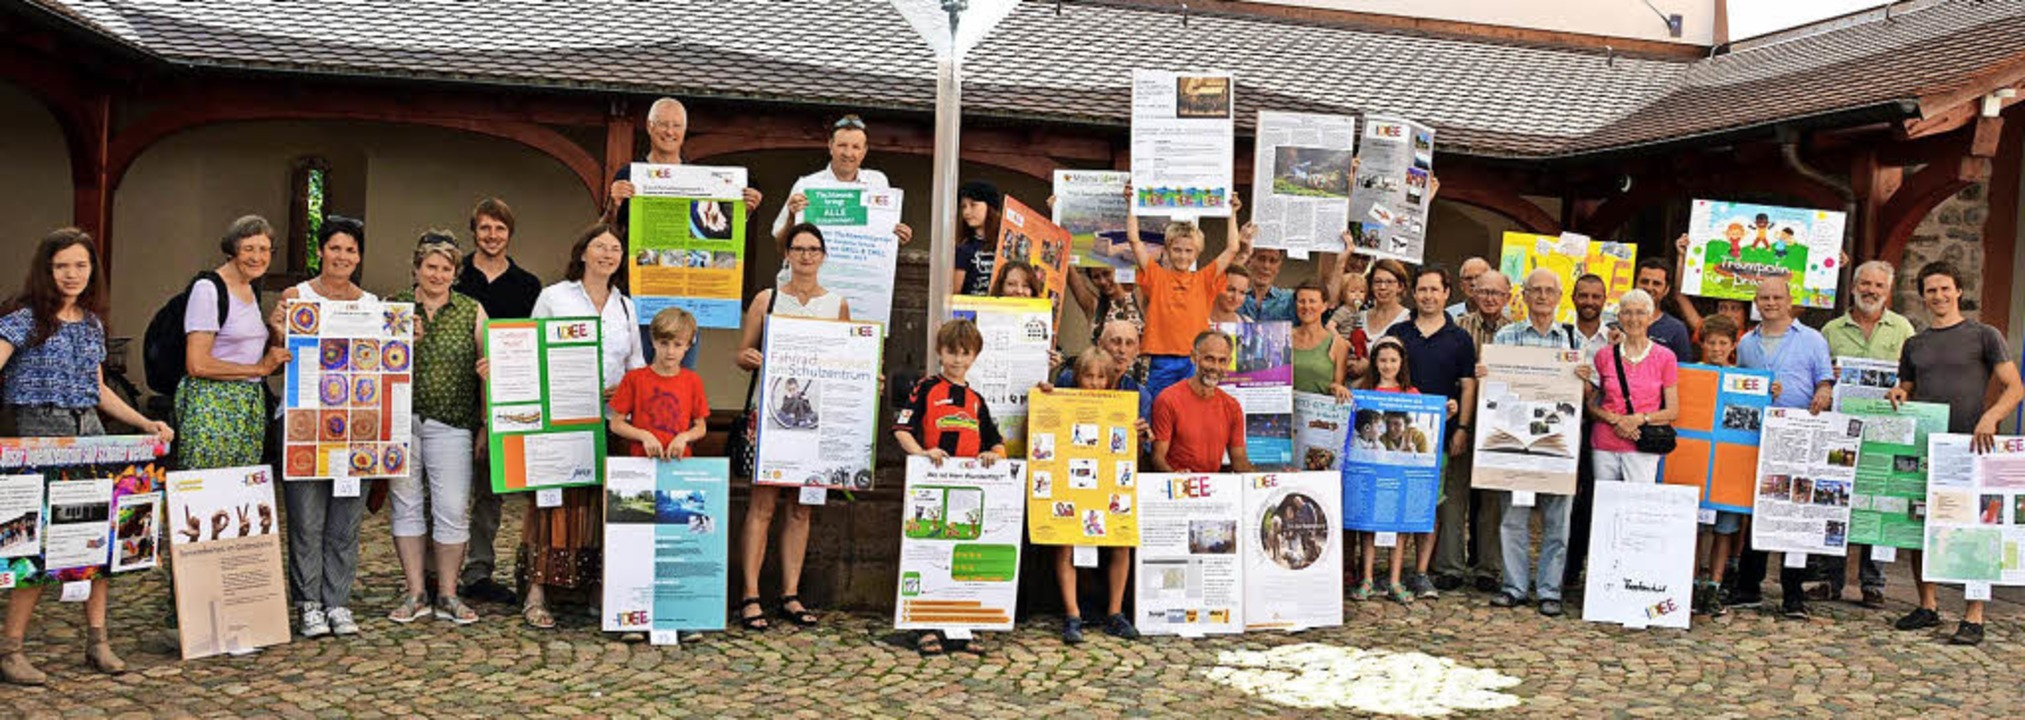 Mit großen Postern hatten sich die Ide...reisverleihung im Talvogtei-Innenhof.   | Foto: G. Lück